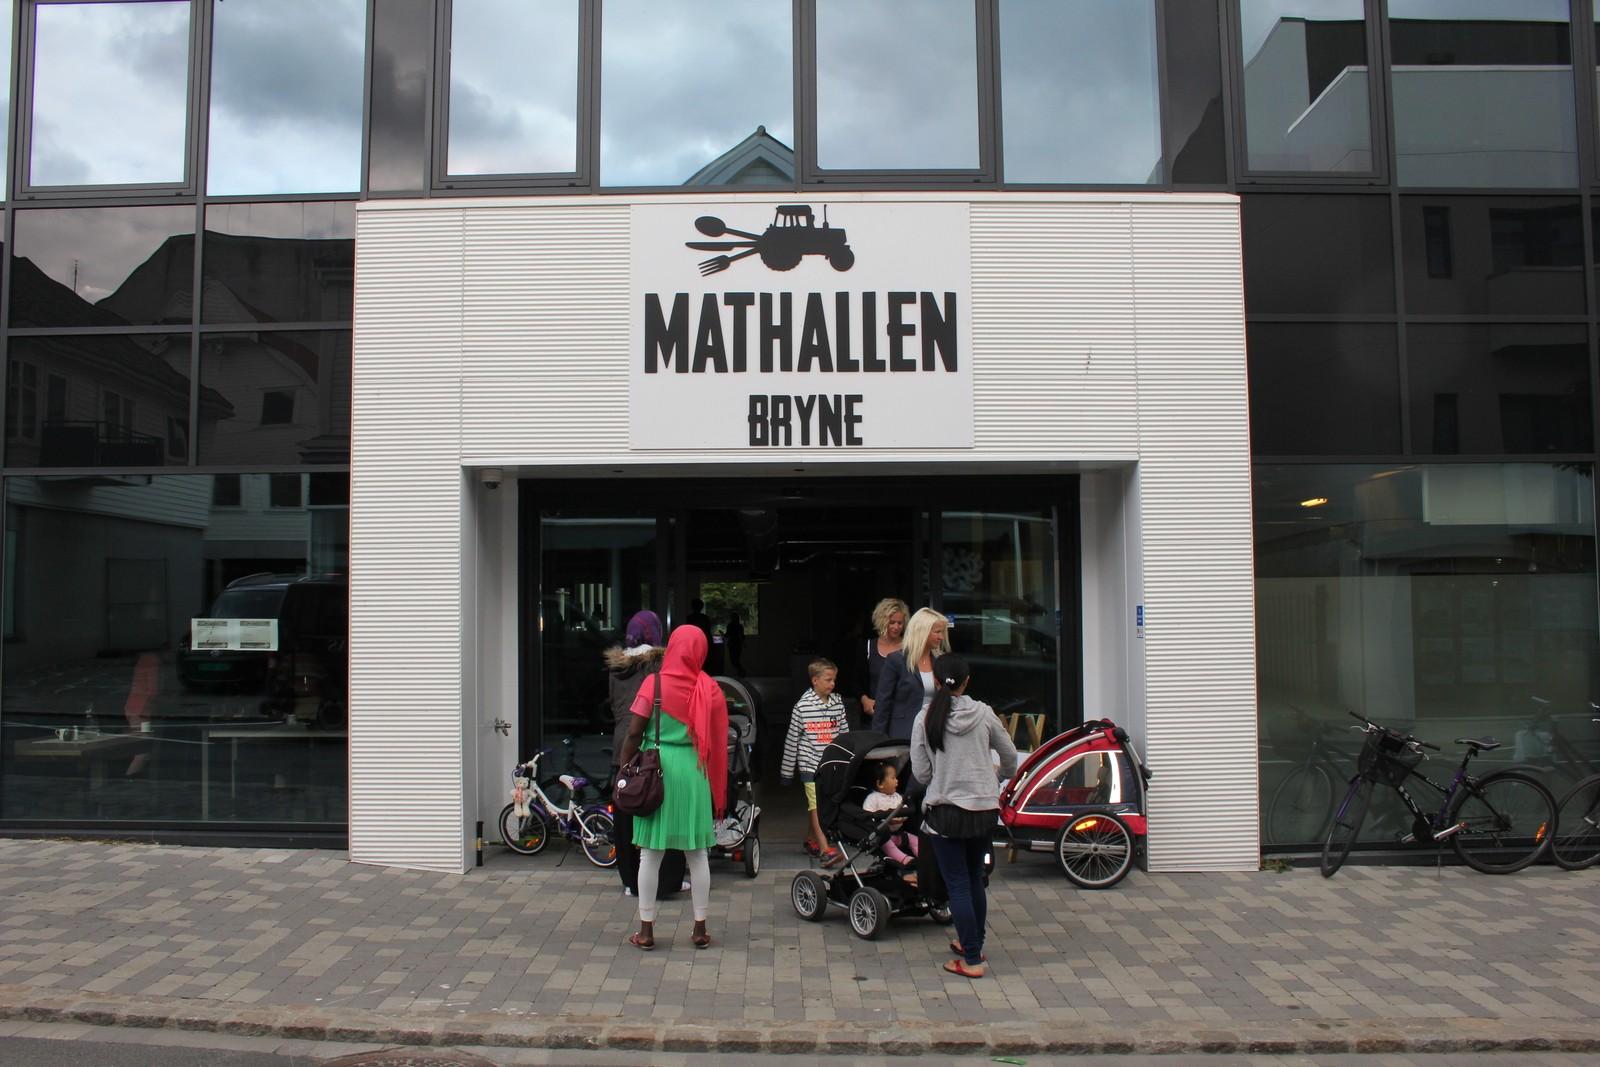 Mathallen på Bryne i Rogaland. Den gikk konkurs i 2014, men det skal være flere som er interessert i å gjenoppta driften.